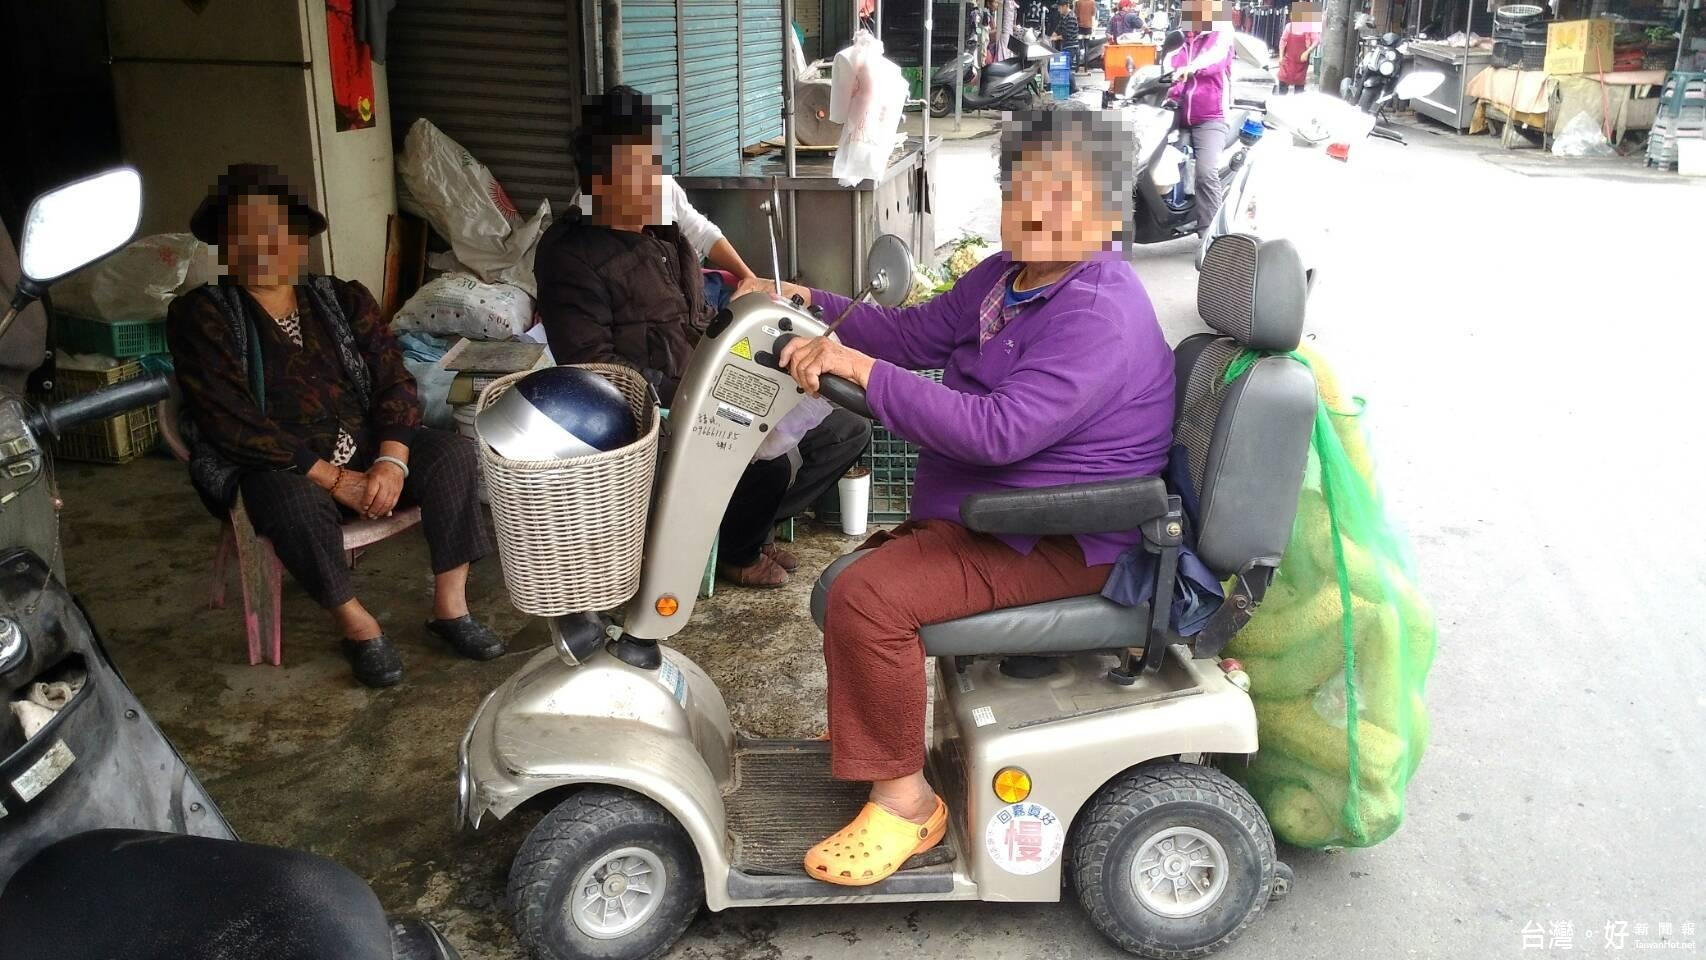 失智婦騎乘電動四輪車迷路 警方成功聯繫家屬